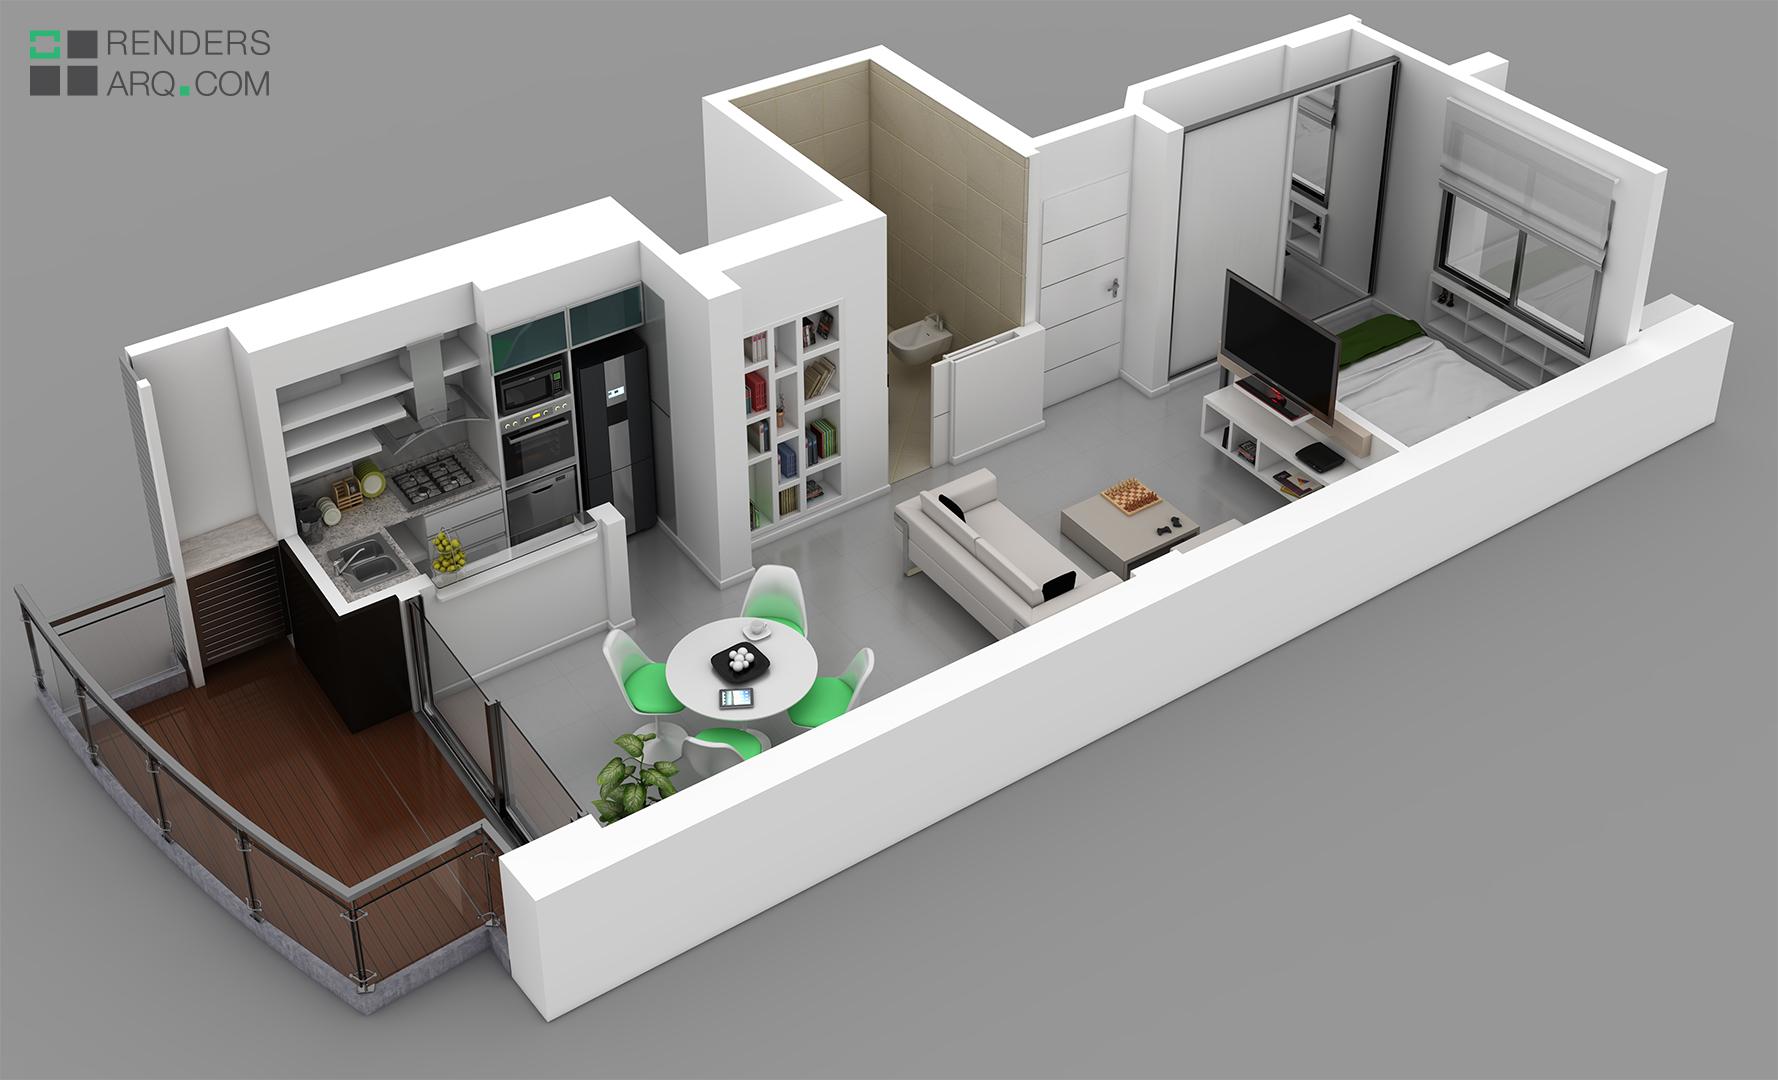 Edificio san martin renders arquitectura for Planos de apartamentos modernos